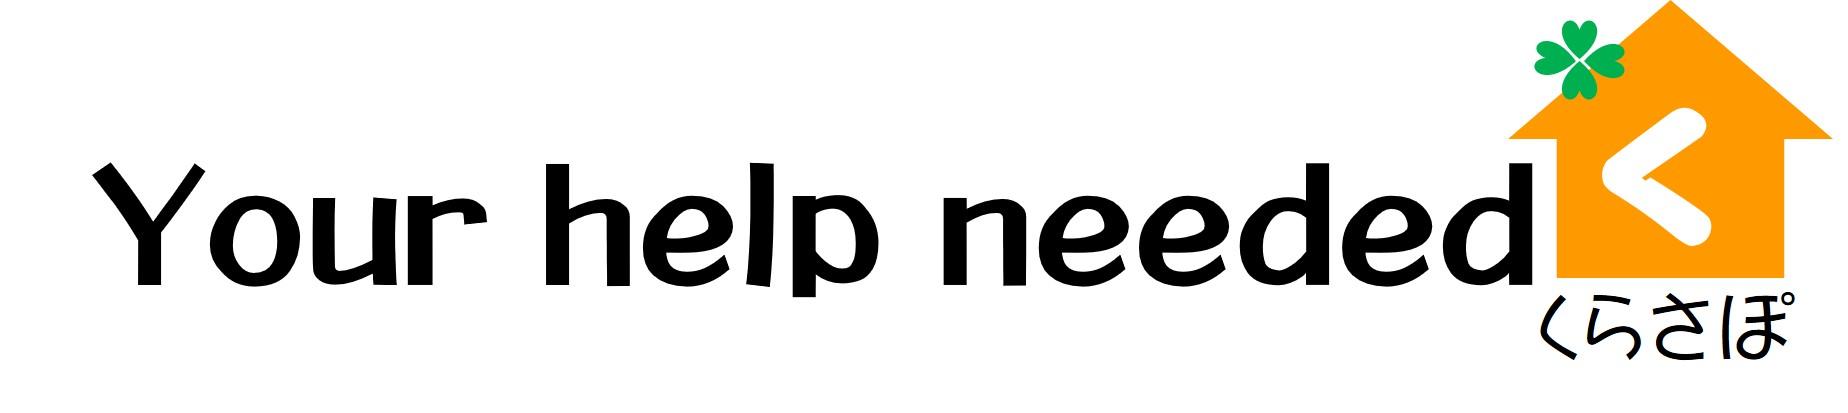 くらさぽ Your help needed|ボランティア・寄付・資金調達 クレジット決済可能な寄付・資金調達サイト